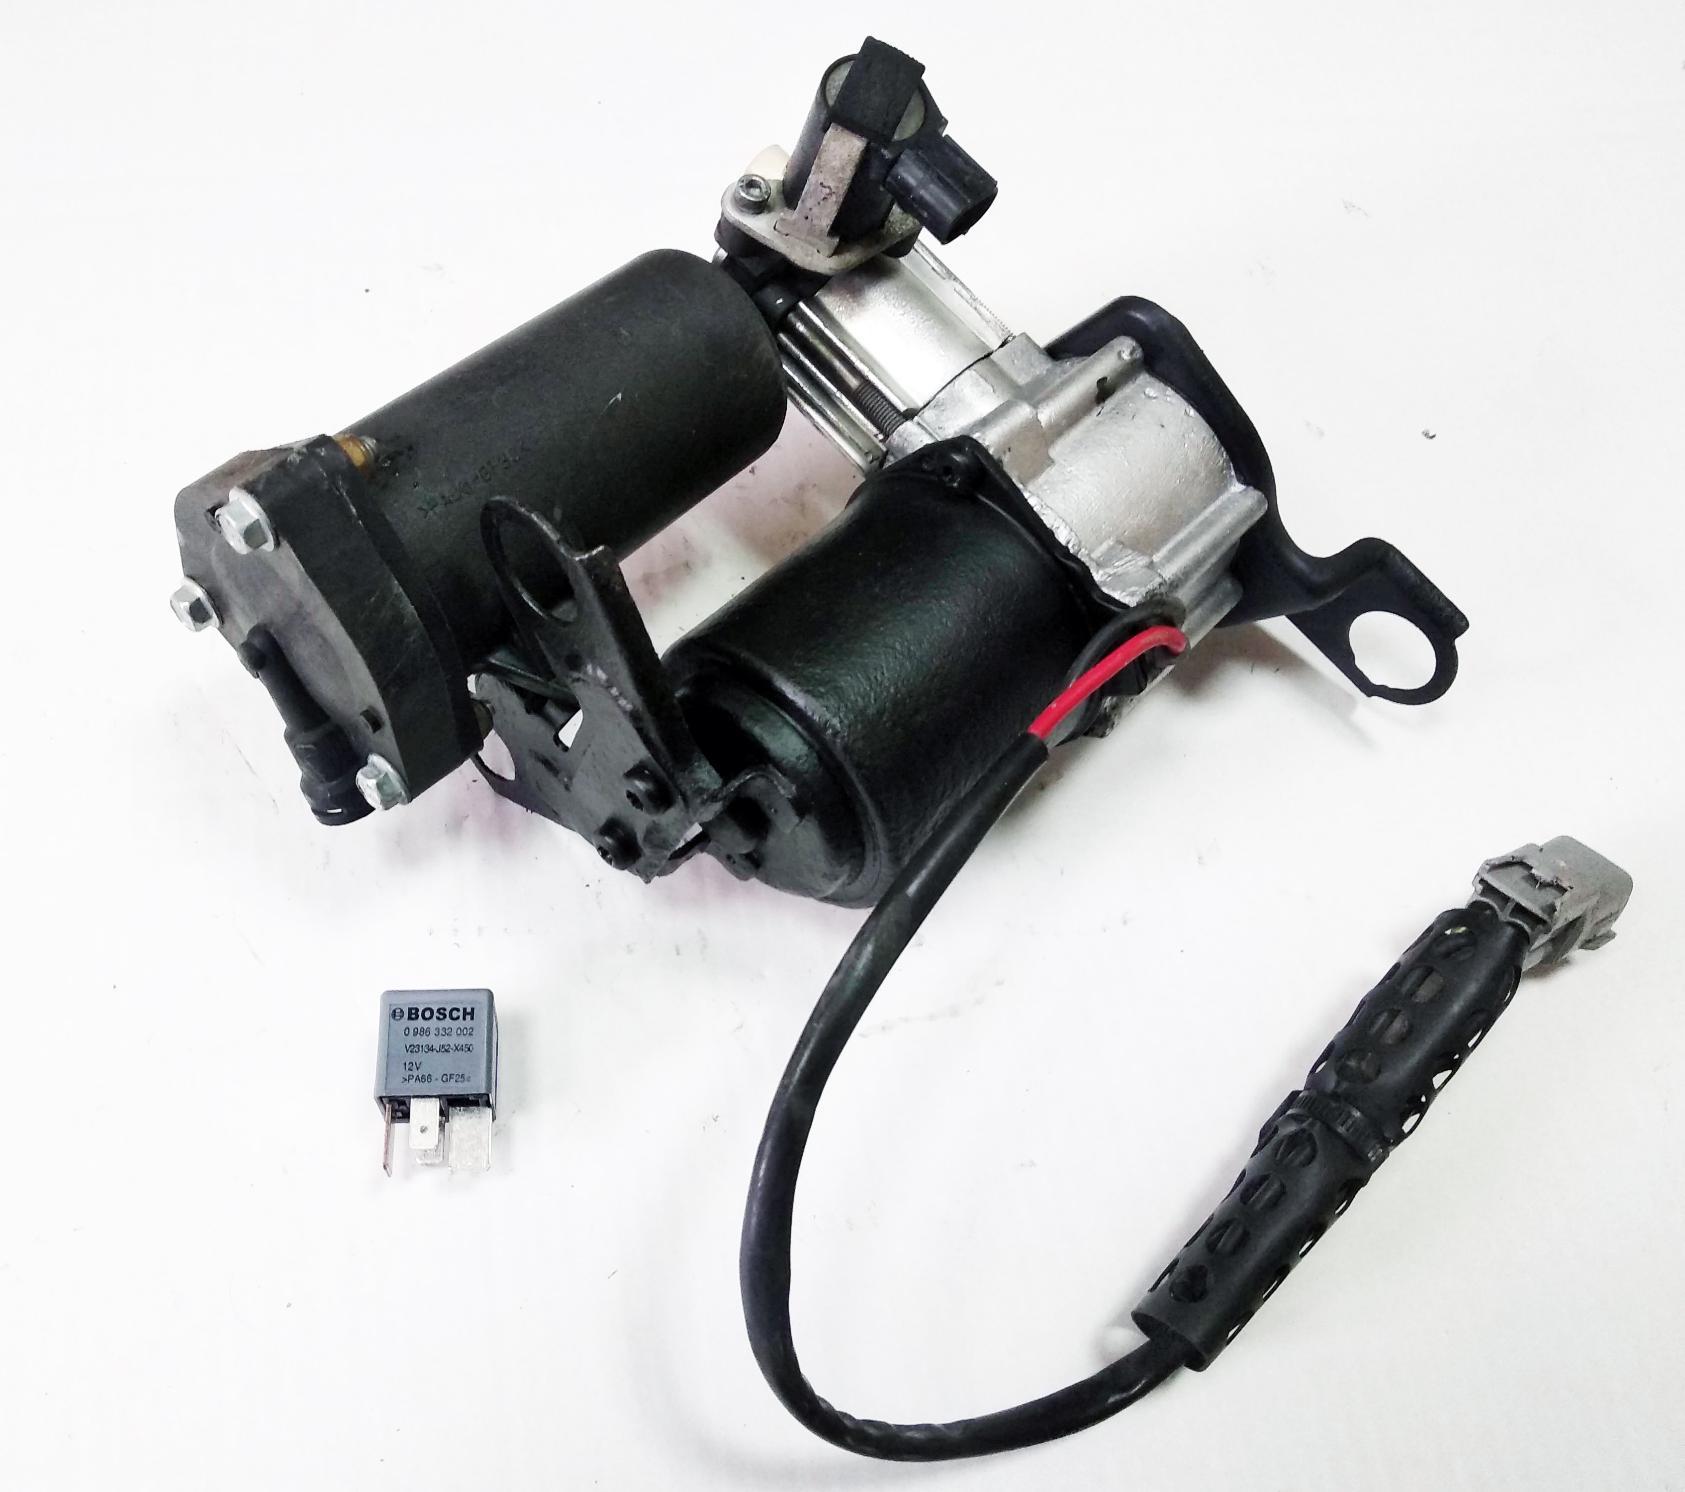 картинка Оригинальный восстановленный компрессор пневмоподвески для Toyota Land Cruiser Prado 120 и Prado 150; Lexus GX460 и Lexus GX470 (4891060021, 48910-60021) от магазина пневмоподвески ПневмоМаркет